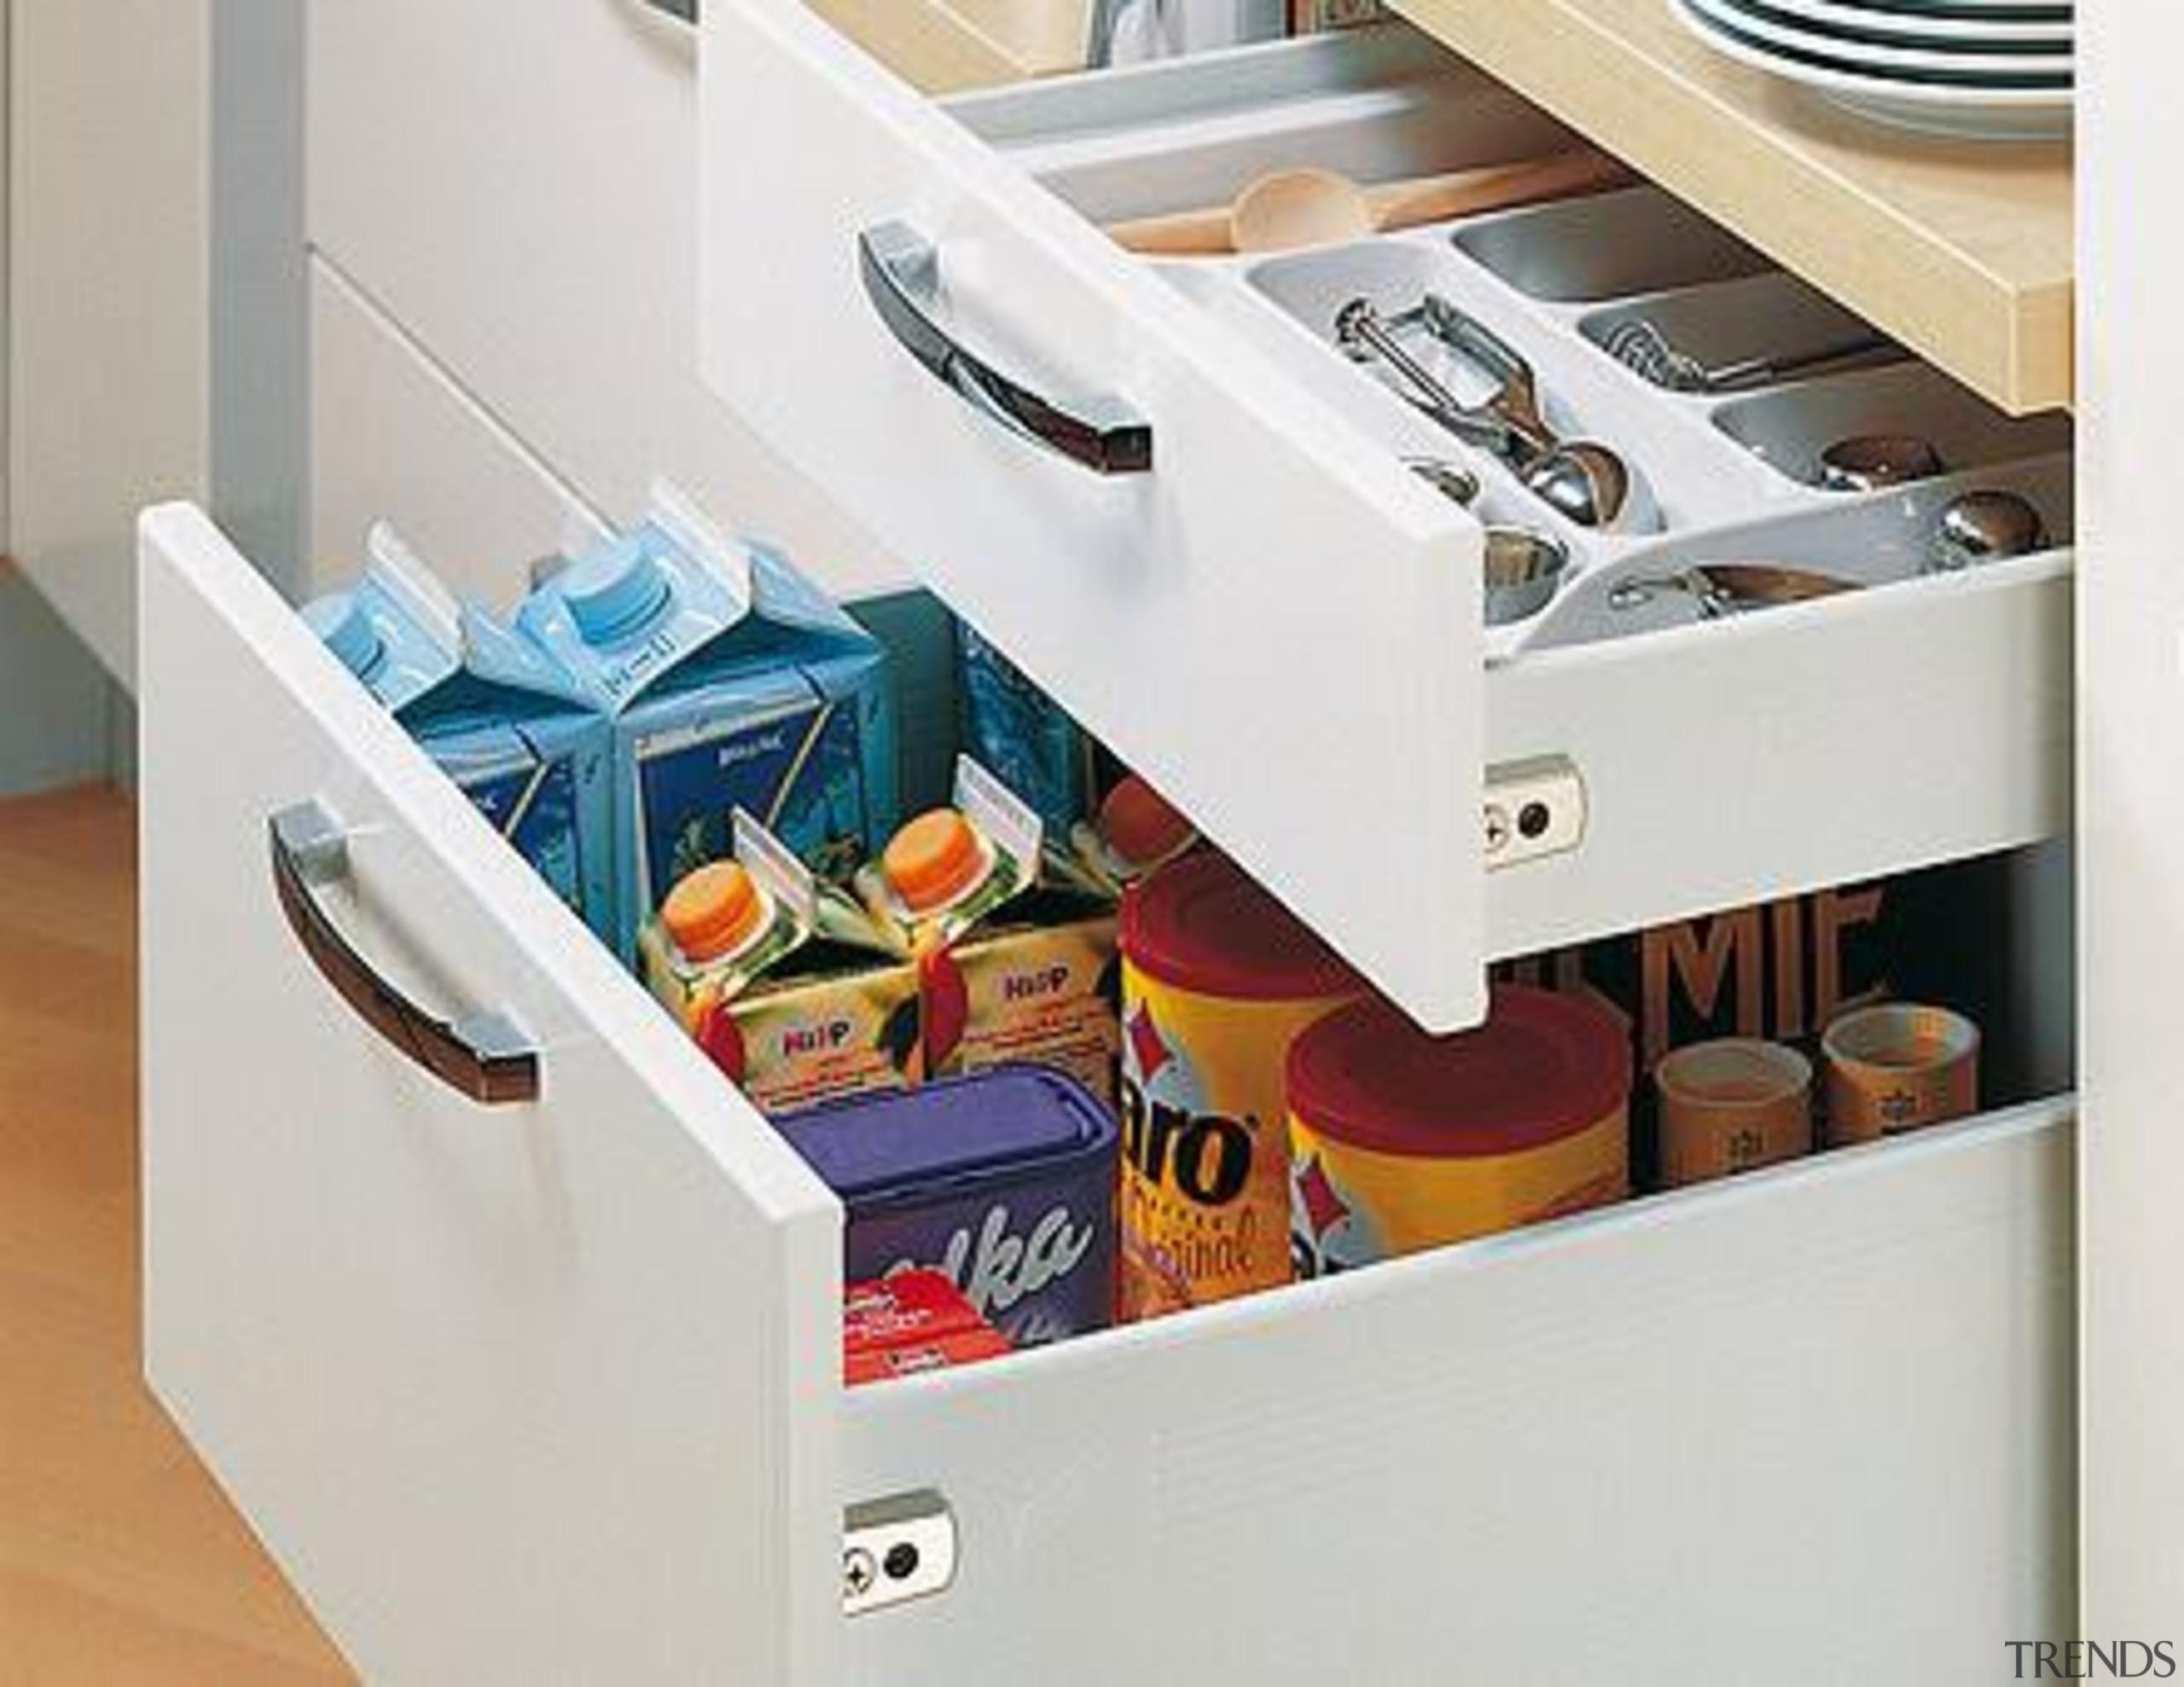 MultiTech steel drawer system for kitchens. - MultiTech drawer, furniture, kitchen, product, product design, shelf, shelving, white